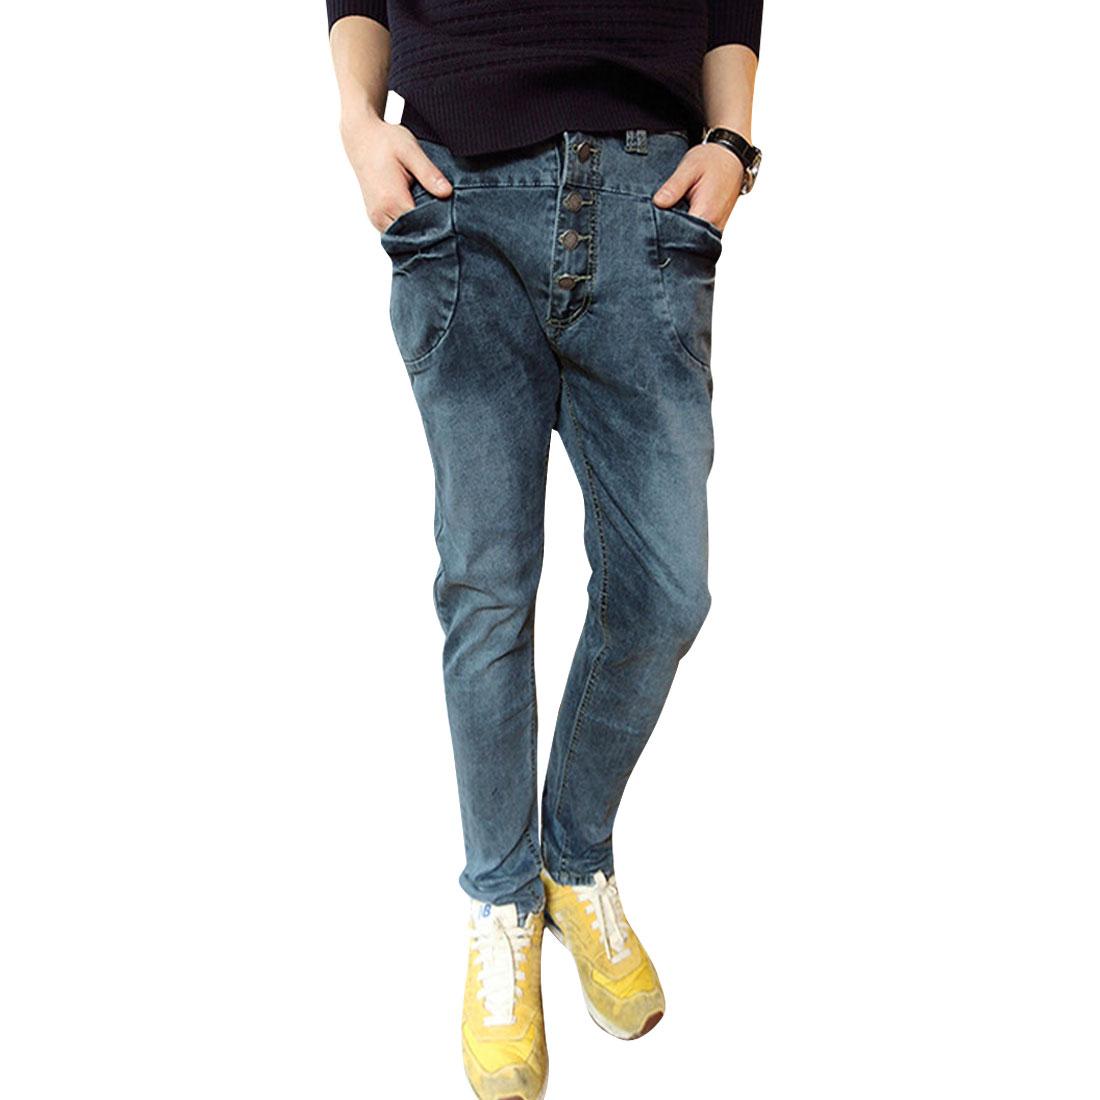 Men's Fashionable Easy-wear Soft Loose Denim Blue Jeans W32